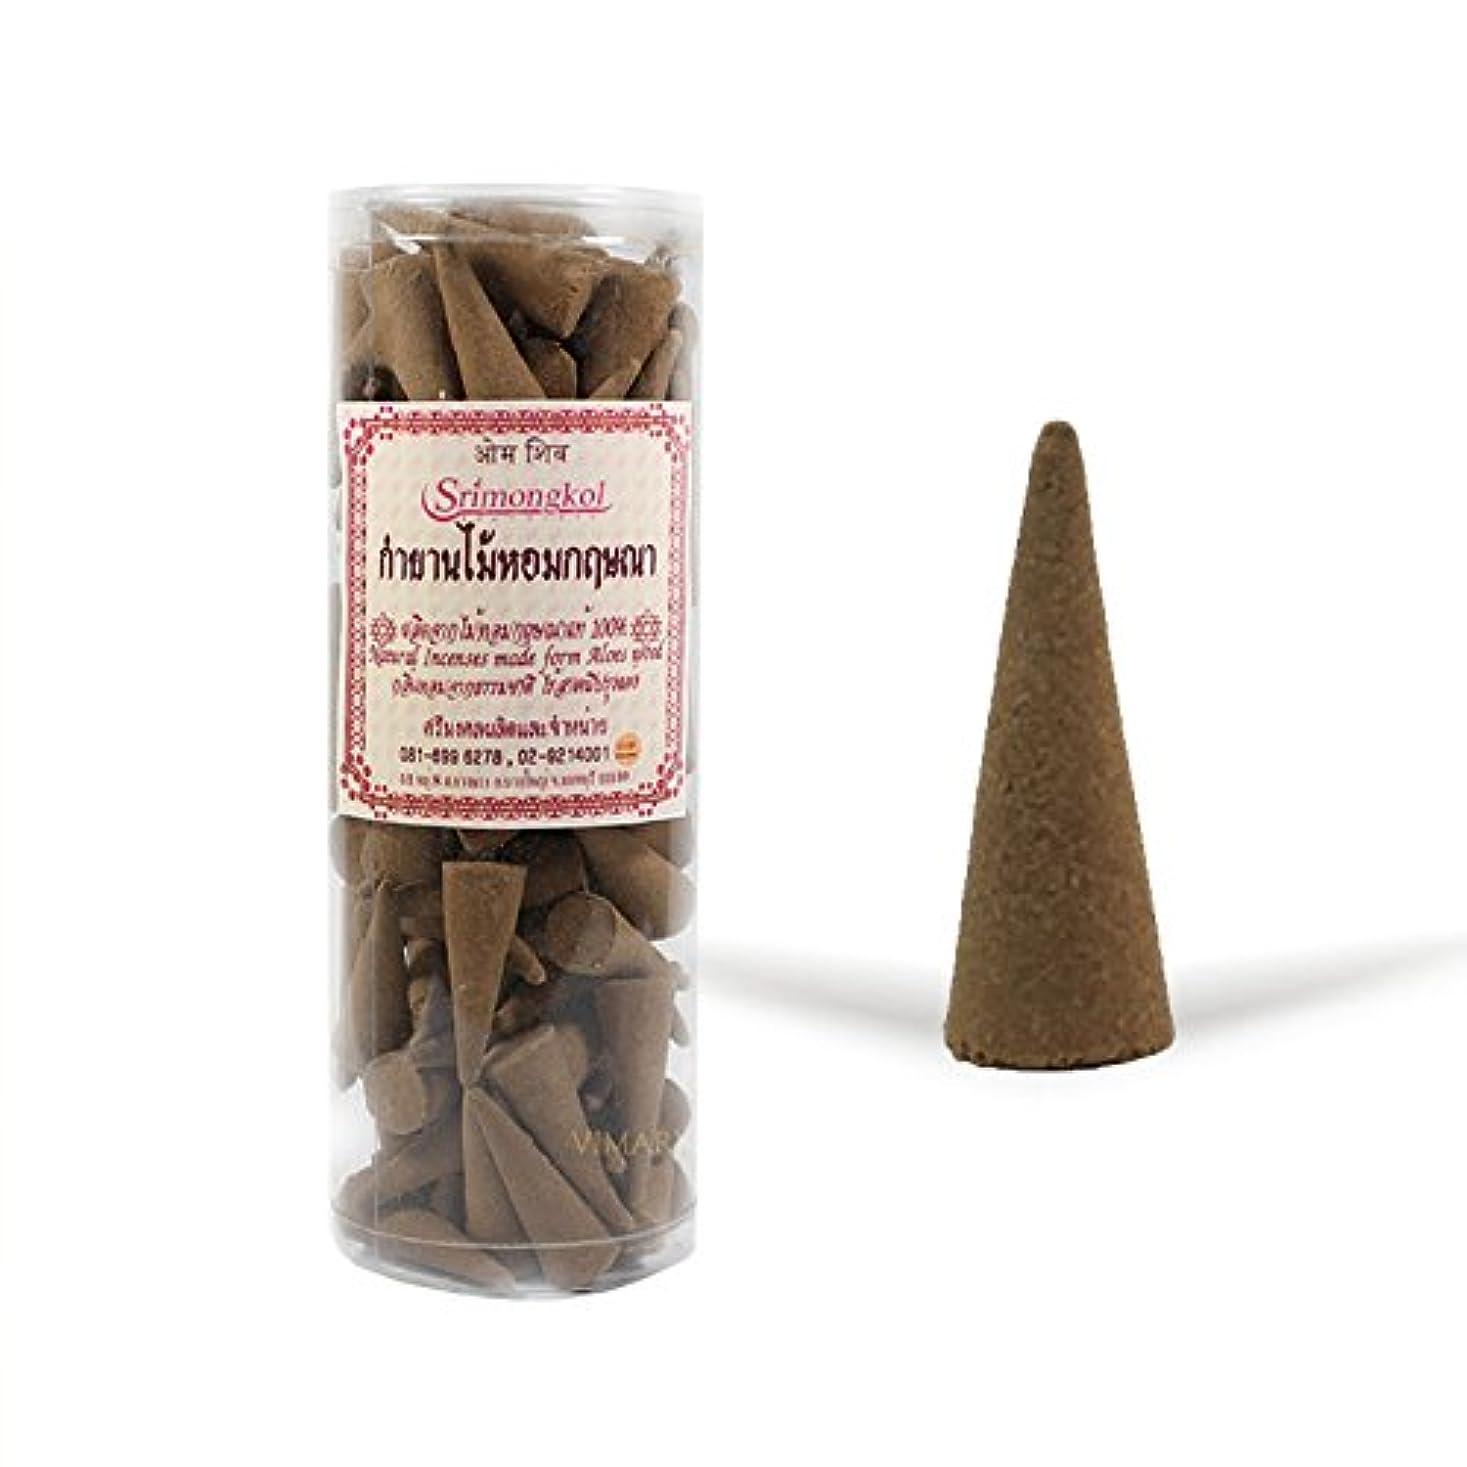 徴収アフリカ人消防士Srimongkol Agarwood Natural Incense Cones 300 Grams (No Chemical):::Srimongkol Agarwoodナチュラル香コーン300グラム(化学薬品なし)